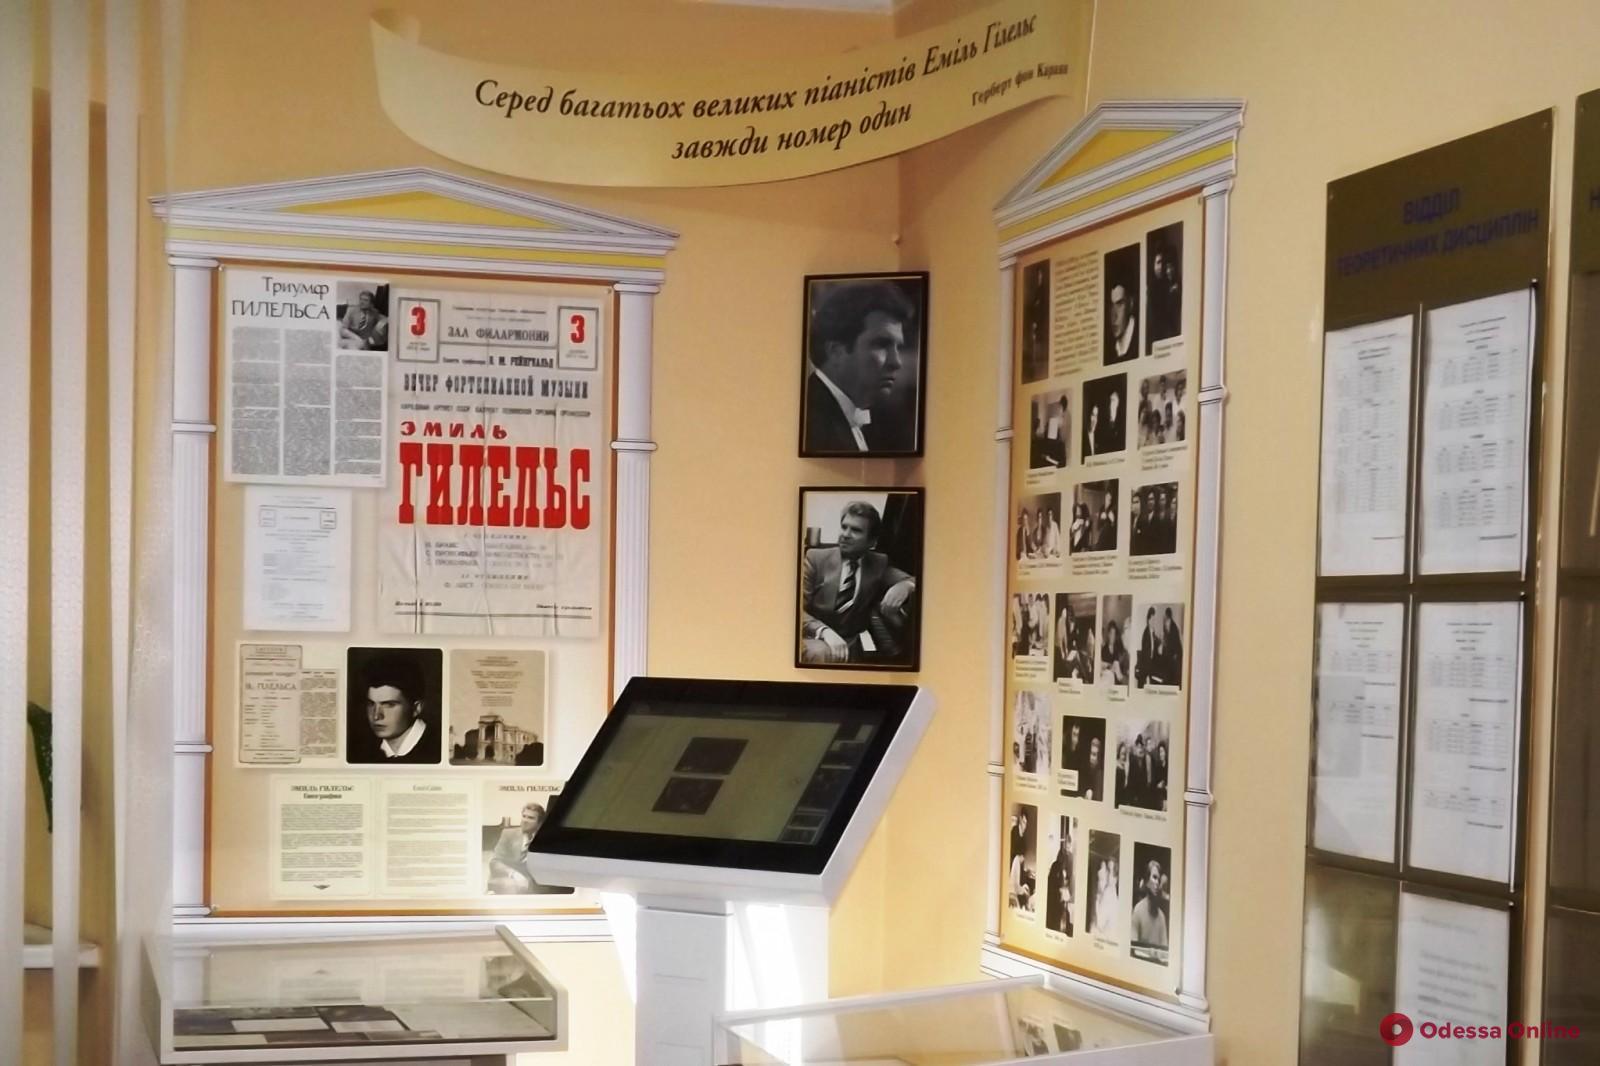 В одесской музыкальной школе открыли интерактивный музей памяти известного пианиста